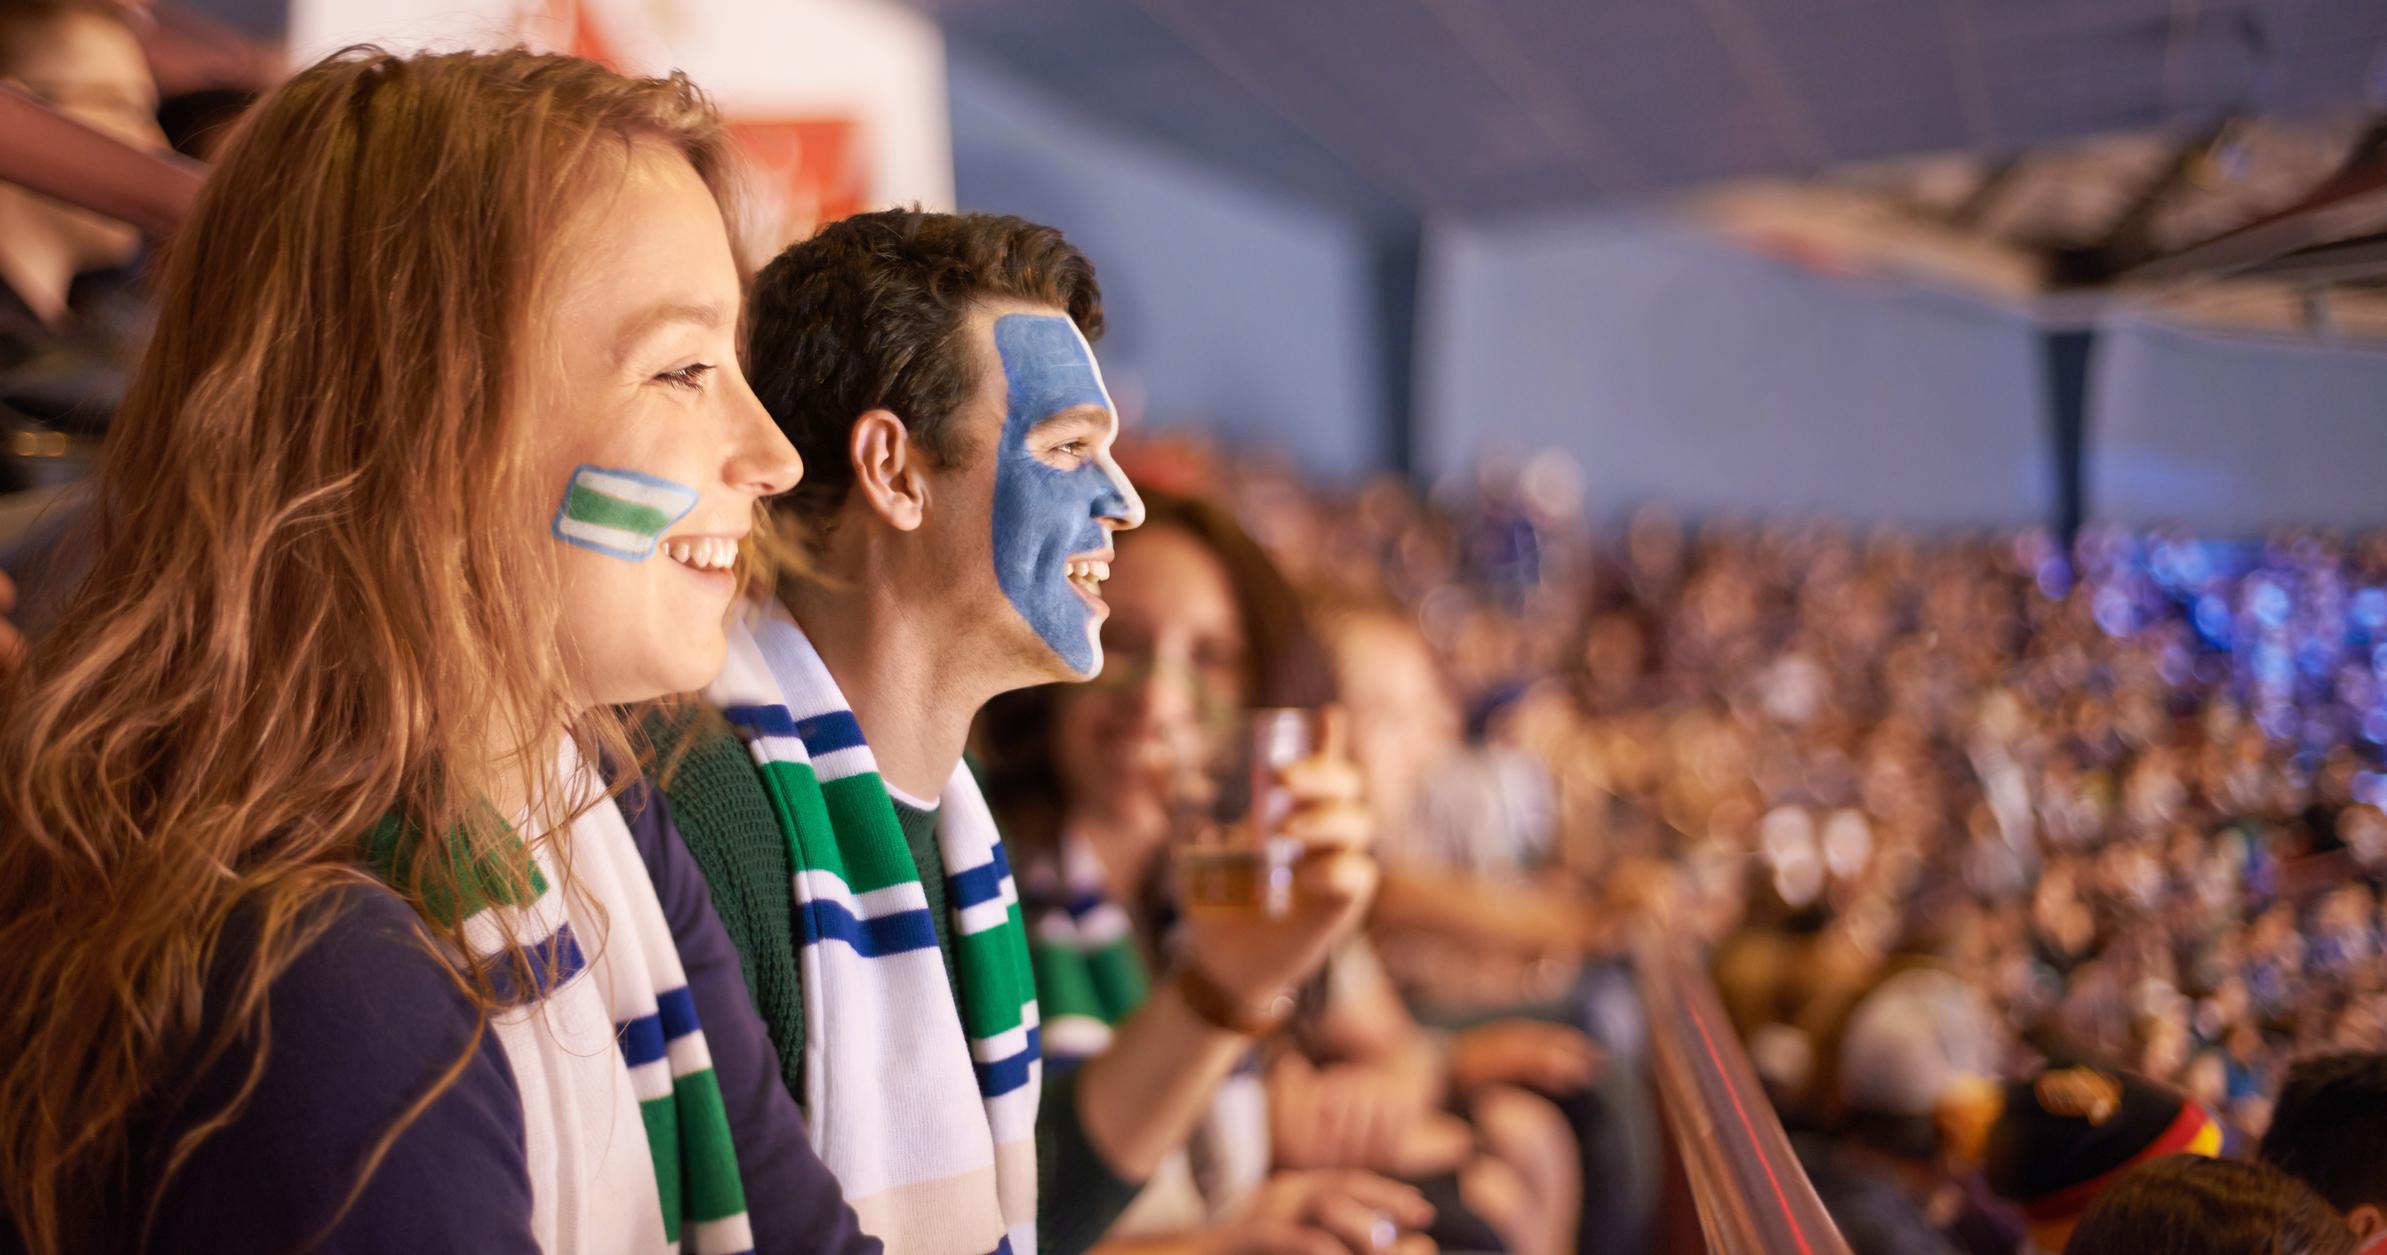 <p>Дева</p>  <p>Трябва да отидете на хокейна игра &ndash; или да гледате такава, завити с топло одеяло в собствения си хол.</p>